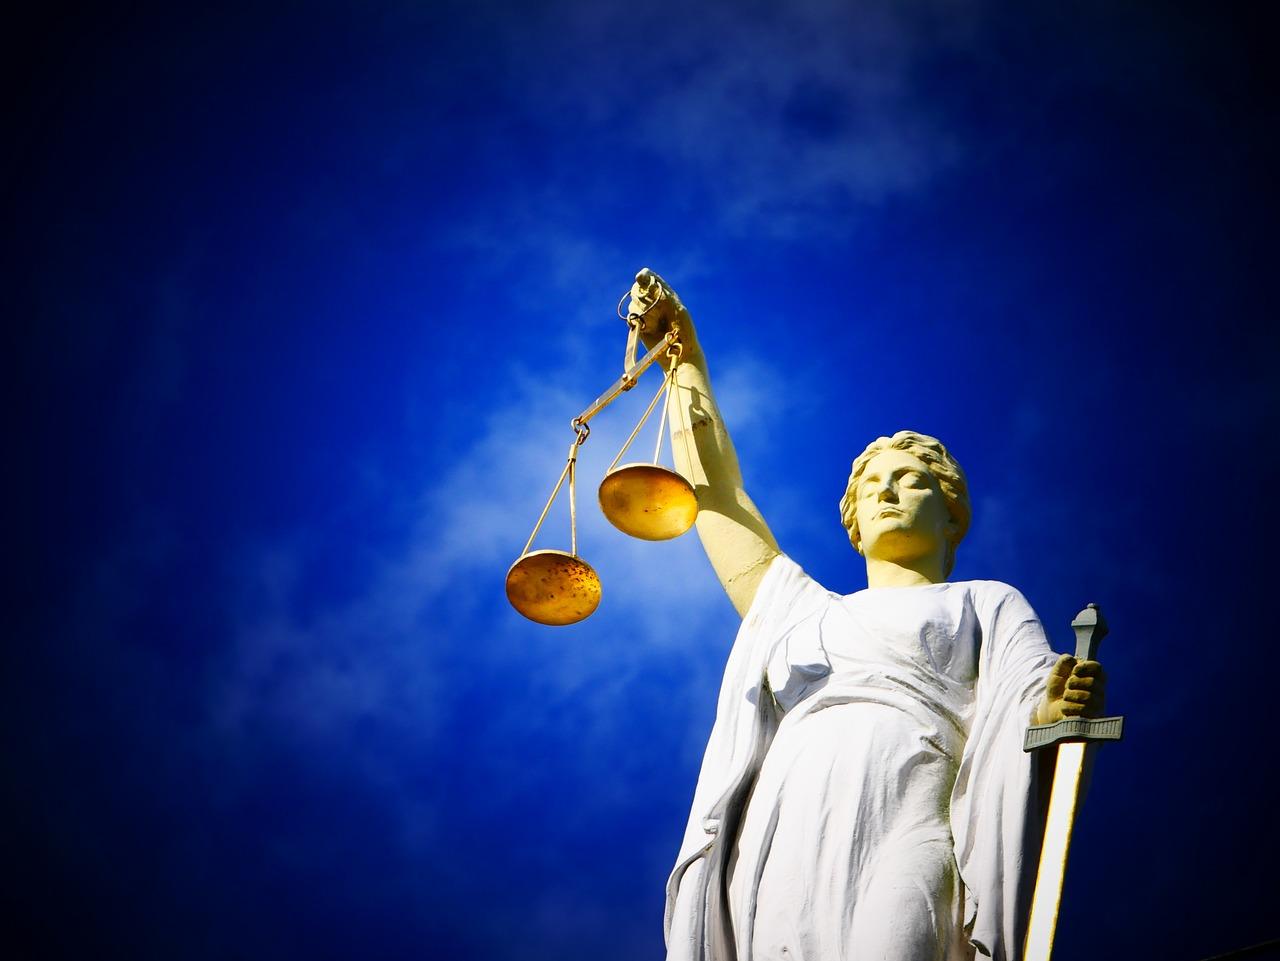 Die Spanische Regierung hat im Ministerrat den Gesetzentwurf über die digitale Effizienz des öffentlichen Justizdienstes verabschiedet